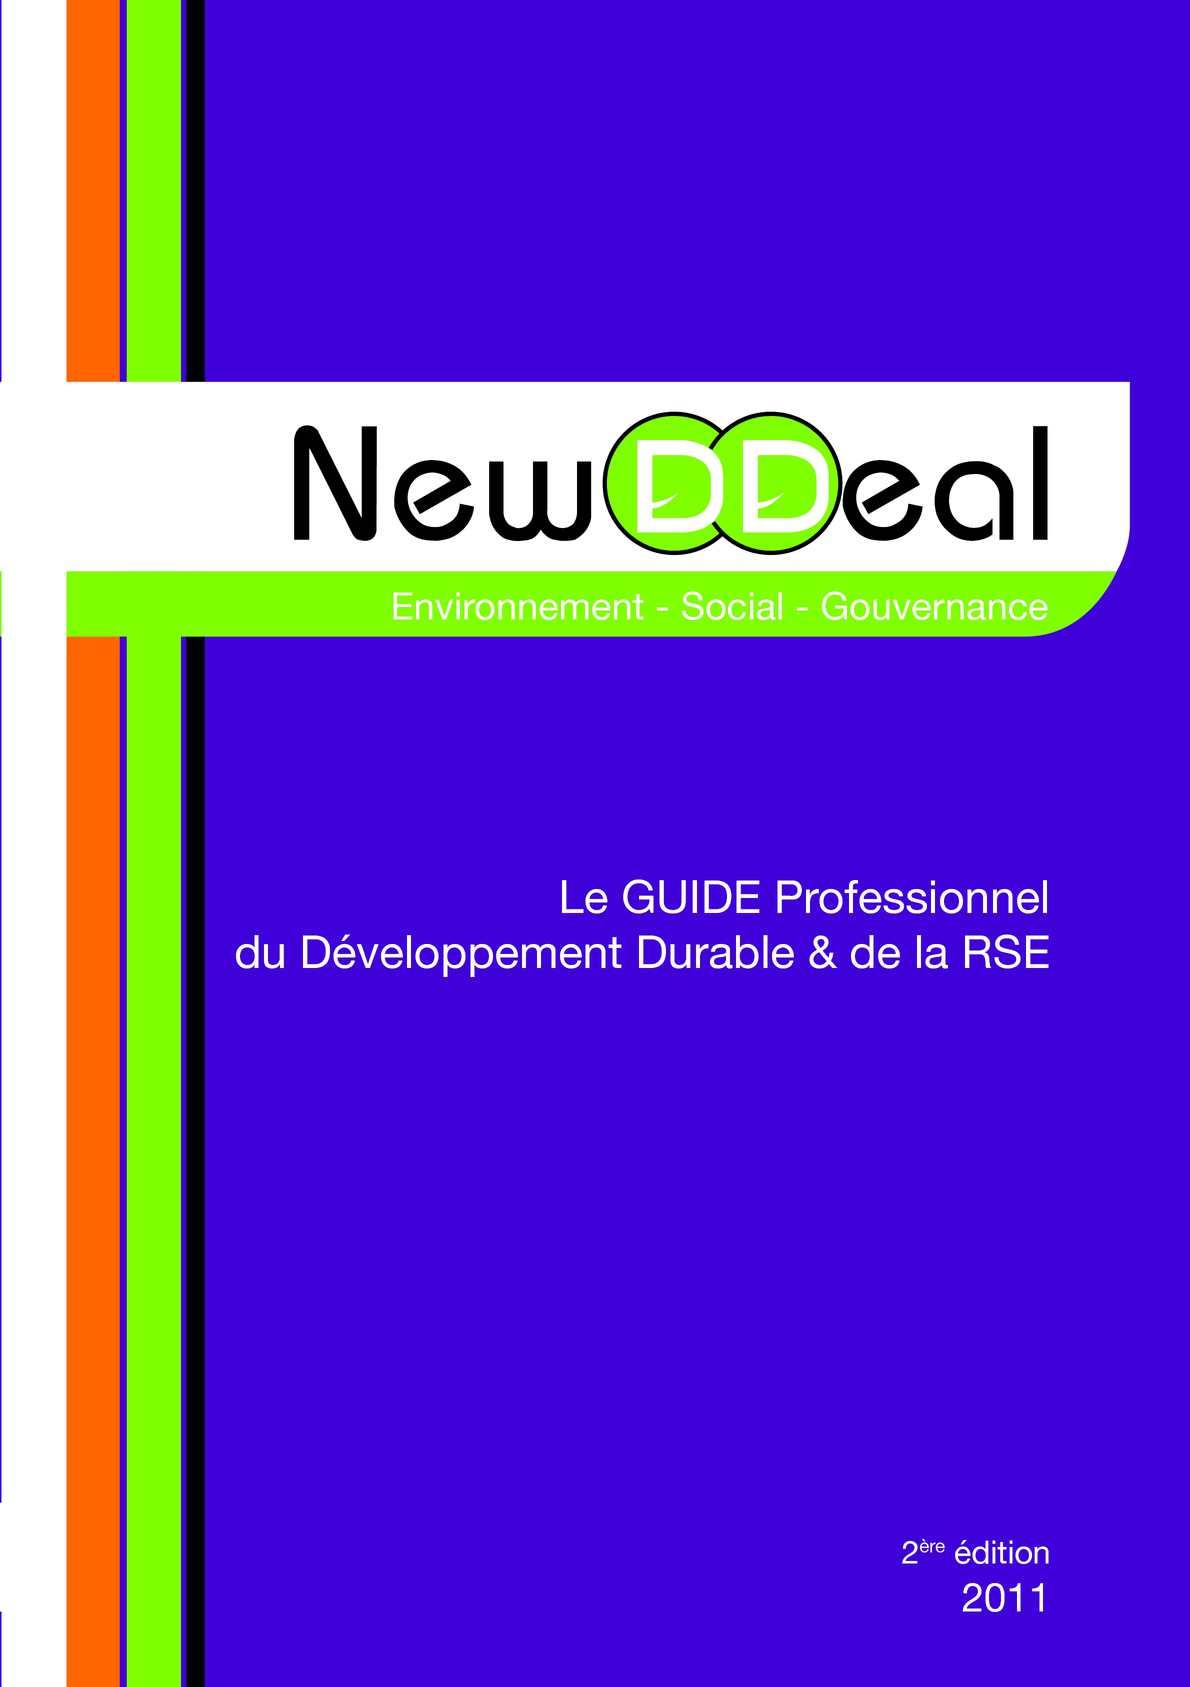 Calam o guide newddeal 2011 2 me dition - Plafond du livret de developpement durable ...